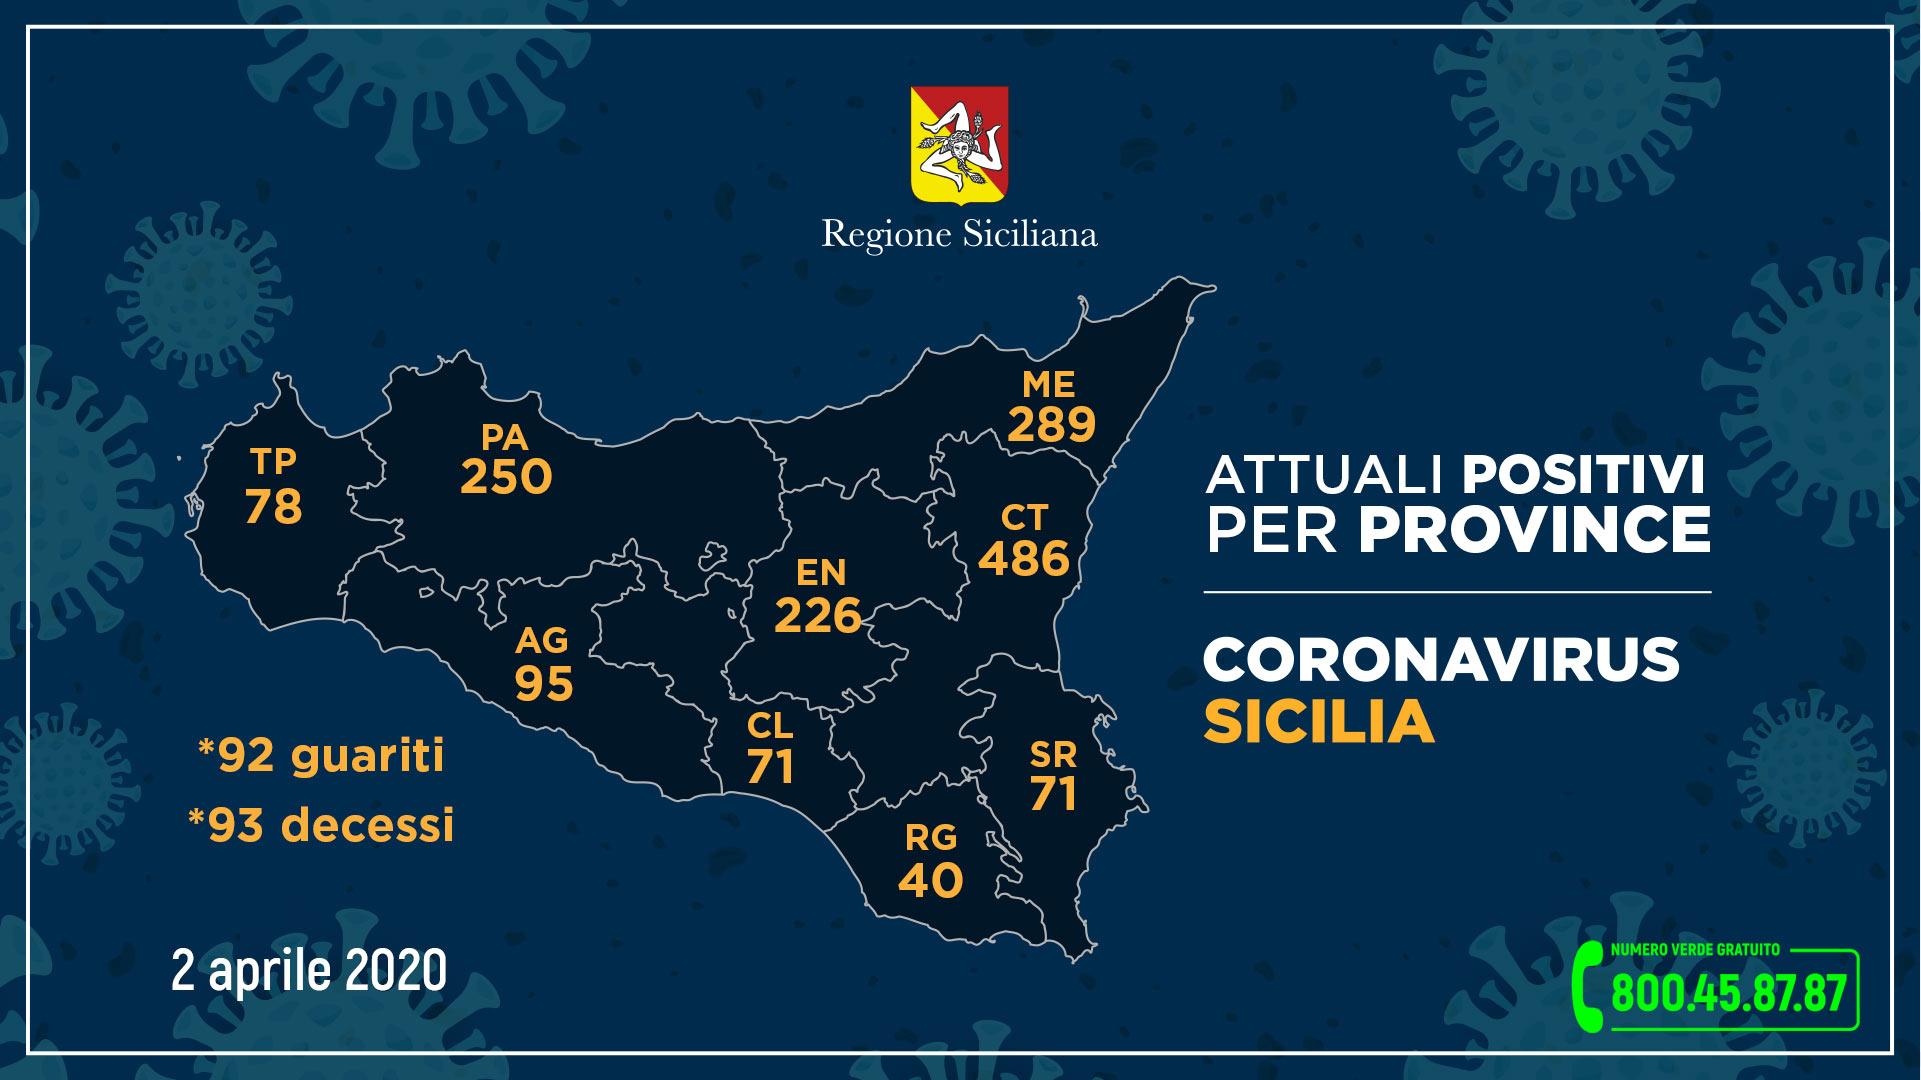 """Coronavirus. Sicilia, il bollettino:1.791 casi, +73. A Messina, 289 persone +1 di ieri. Musumeci: """"Intensificare controlli in centri urbani"""""""